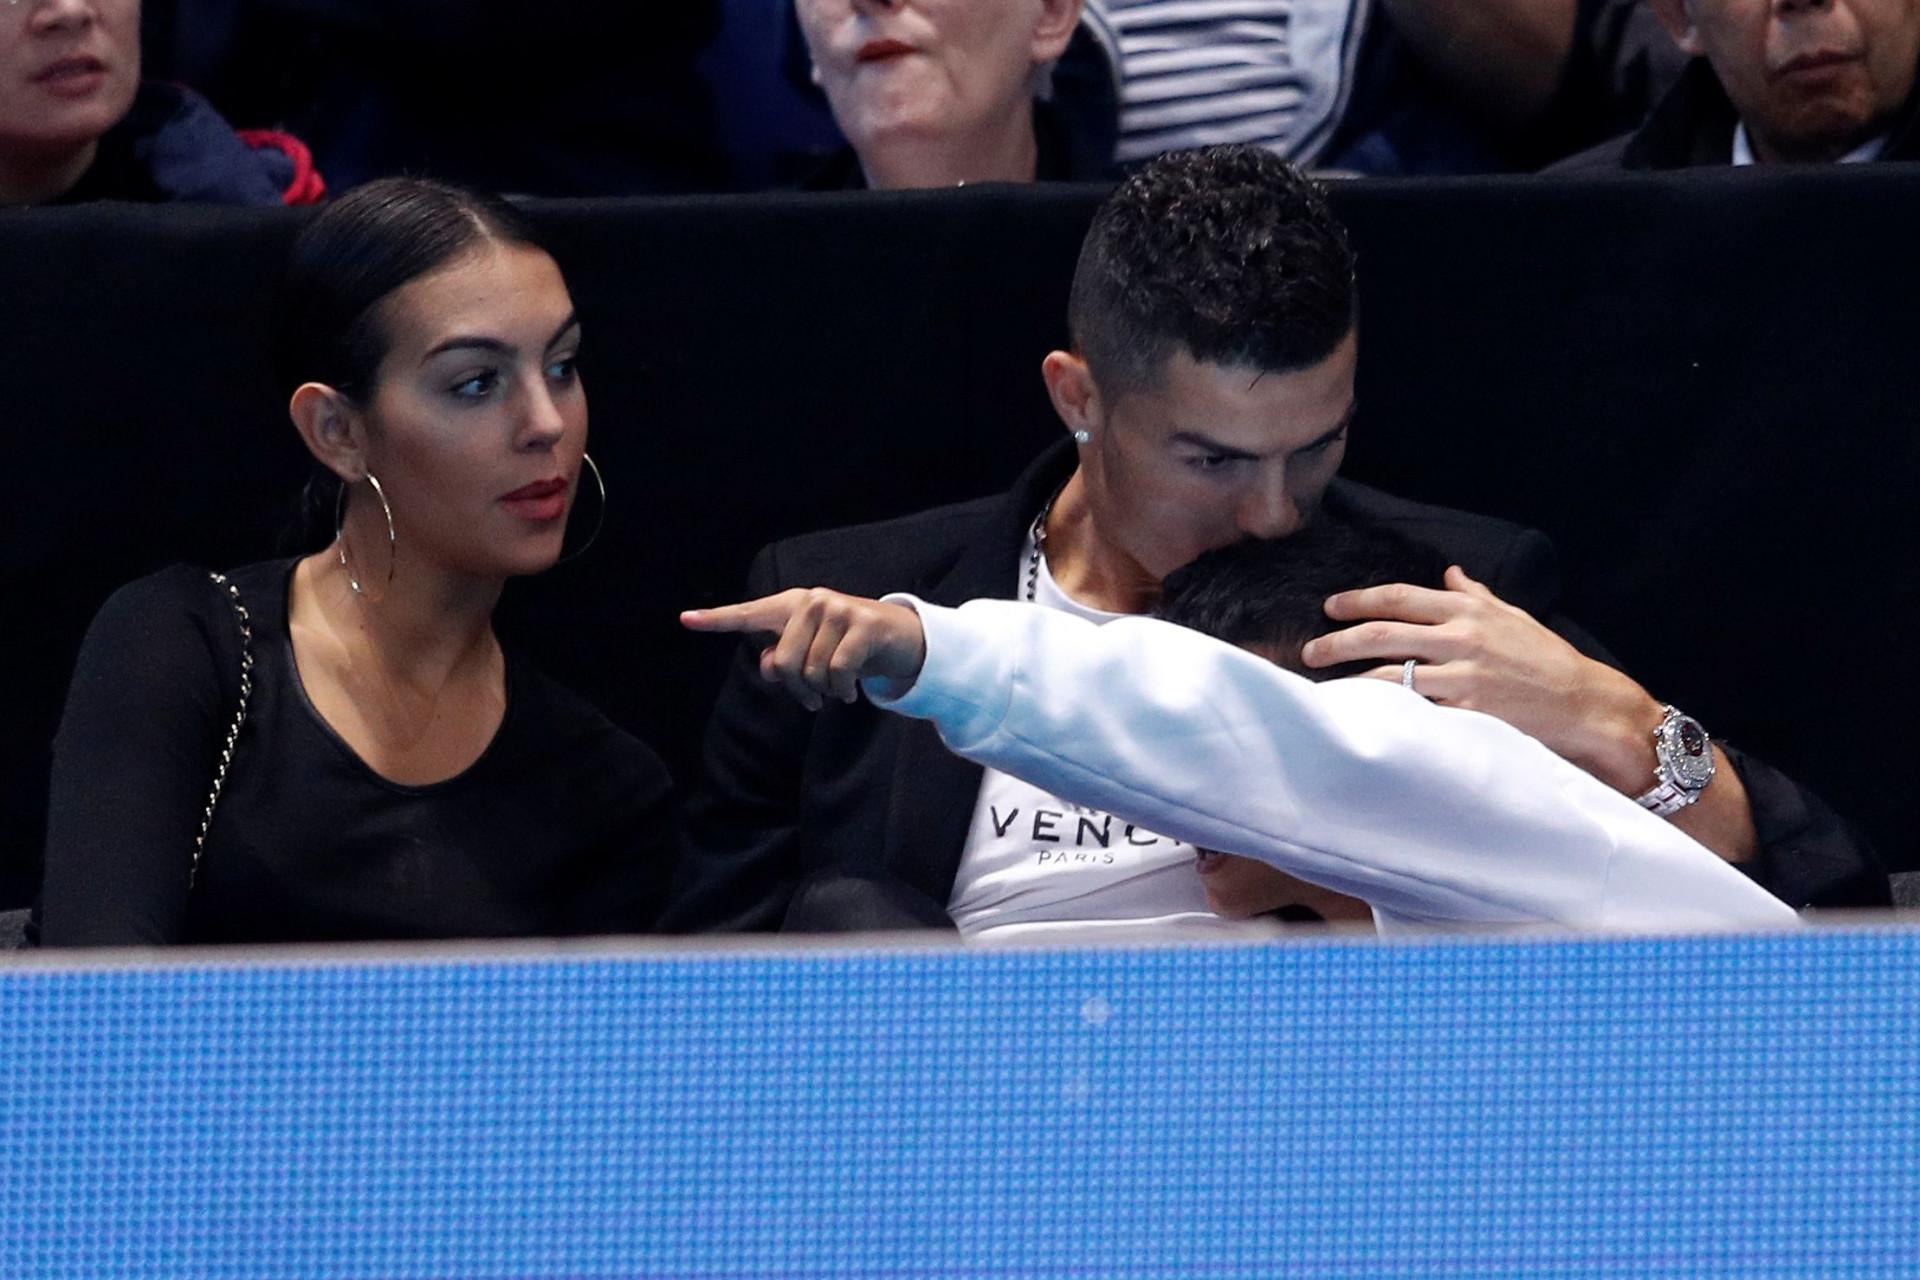 CR7 bem tentou agarrar a bola de ténis, mas Georgina dificultou a tarefa